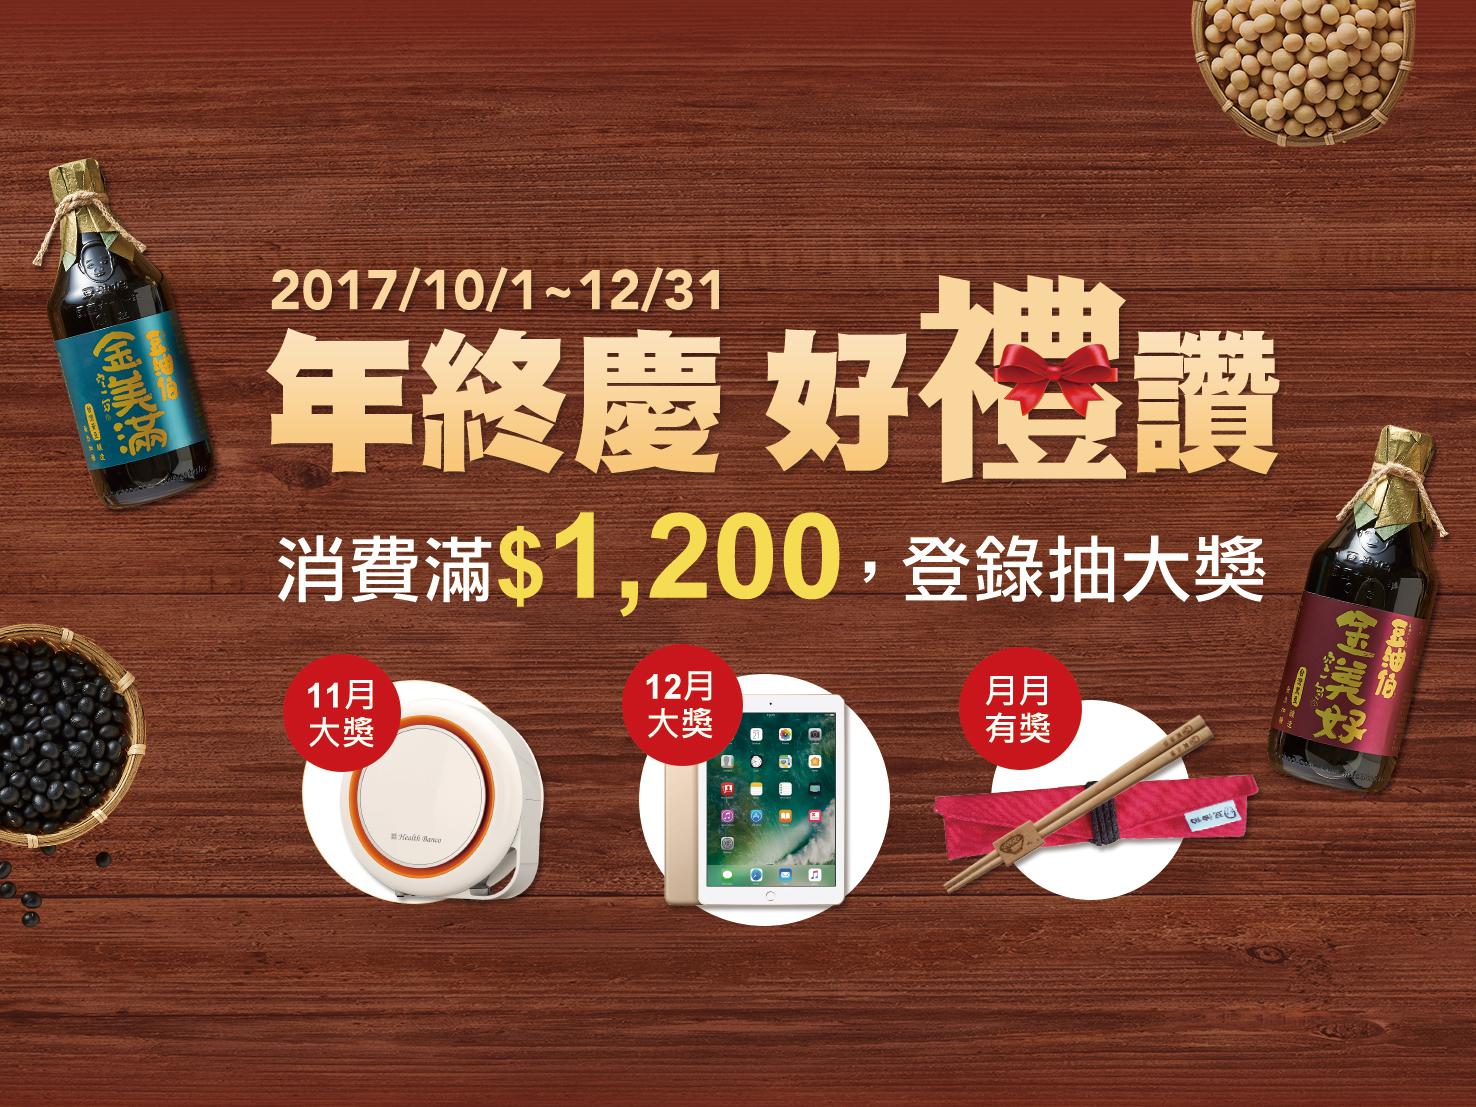 【年終慶 好禮讚】12月份開獎啦!!!